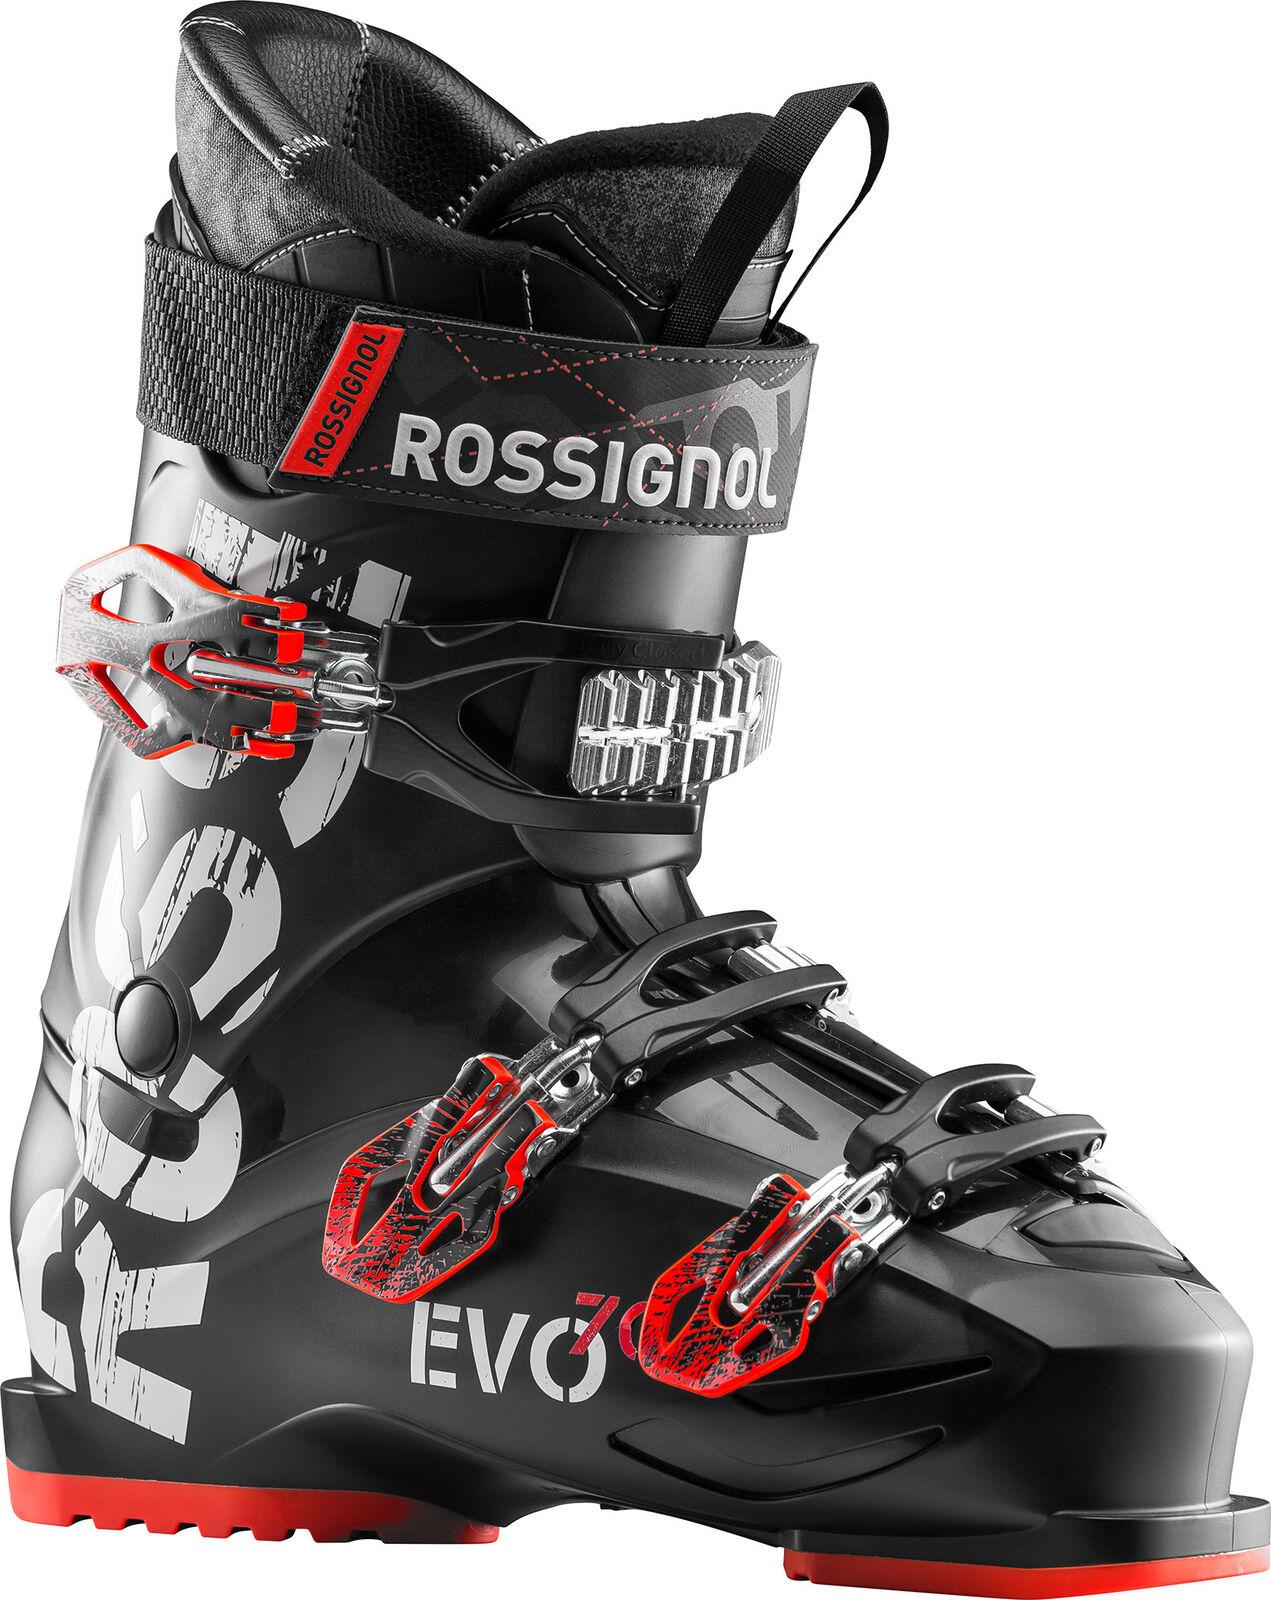 Rossignol EVO EVO EVO 70 (RBH8160) - Skischuhe f28c49